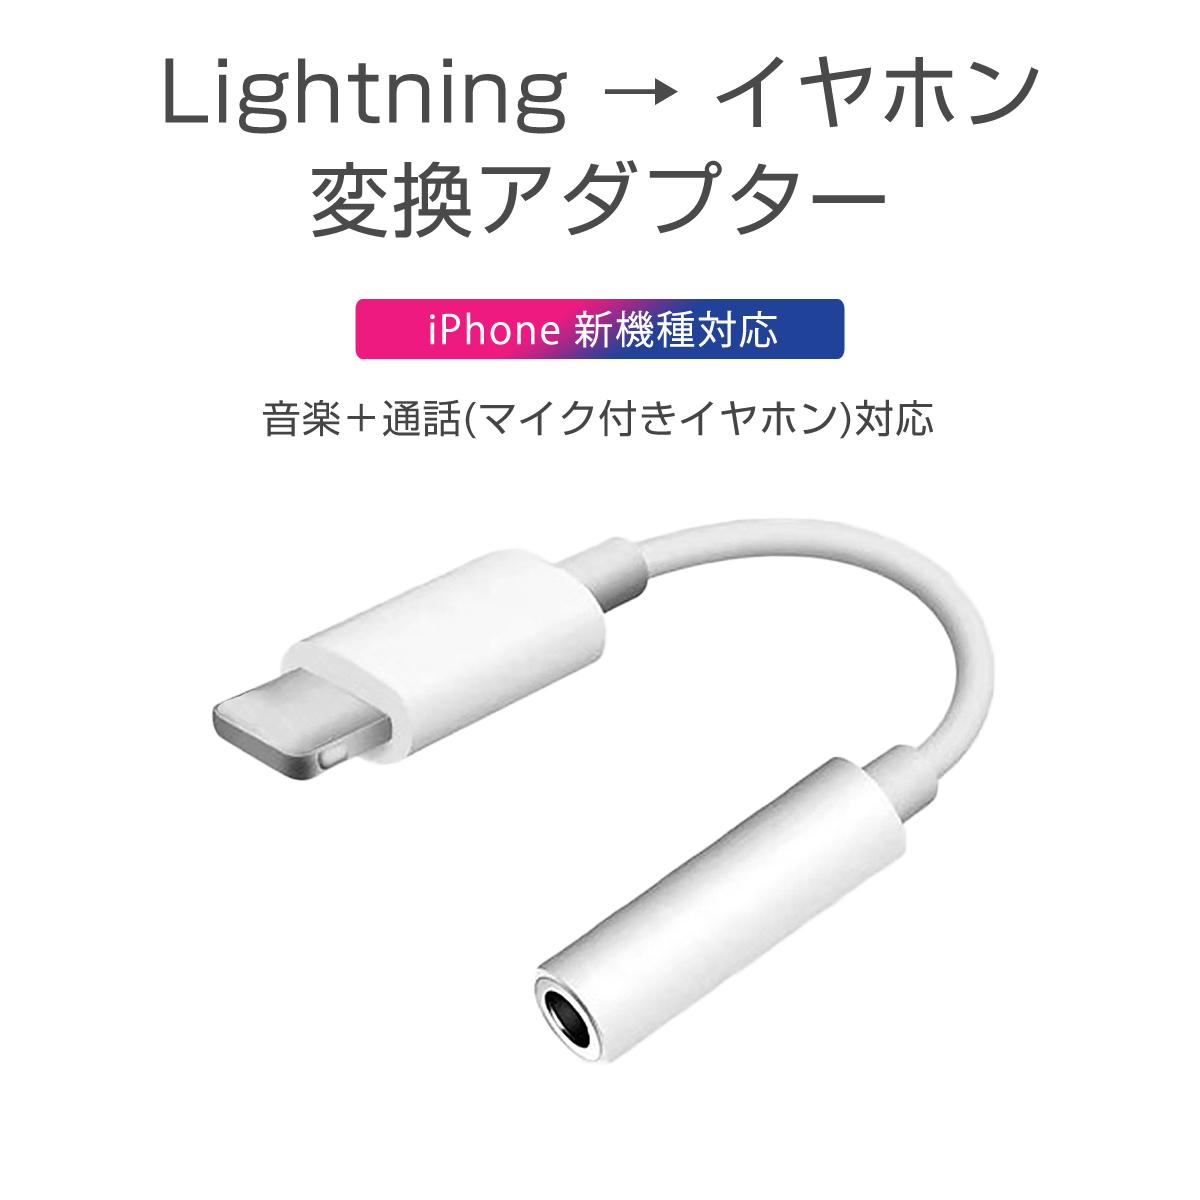 ライトニング変換ケーブル